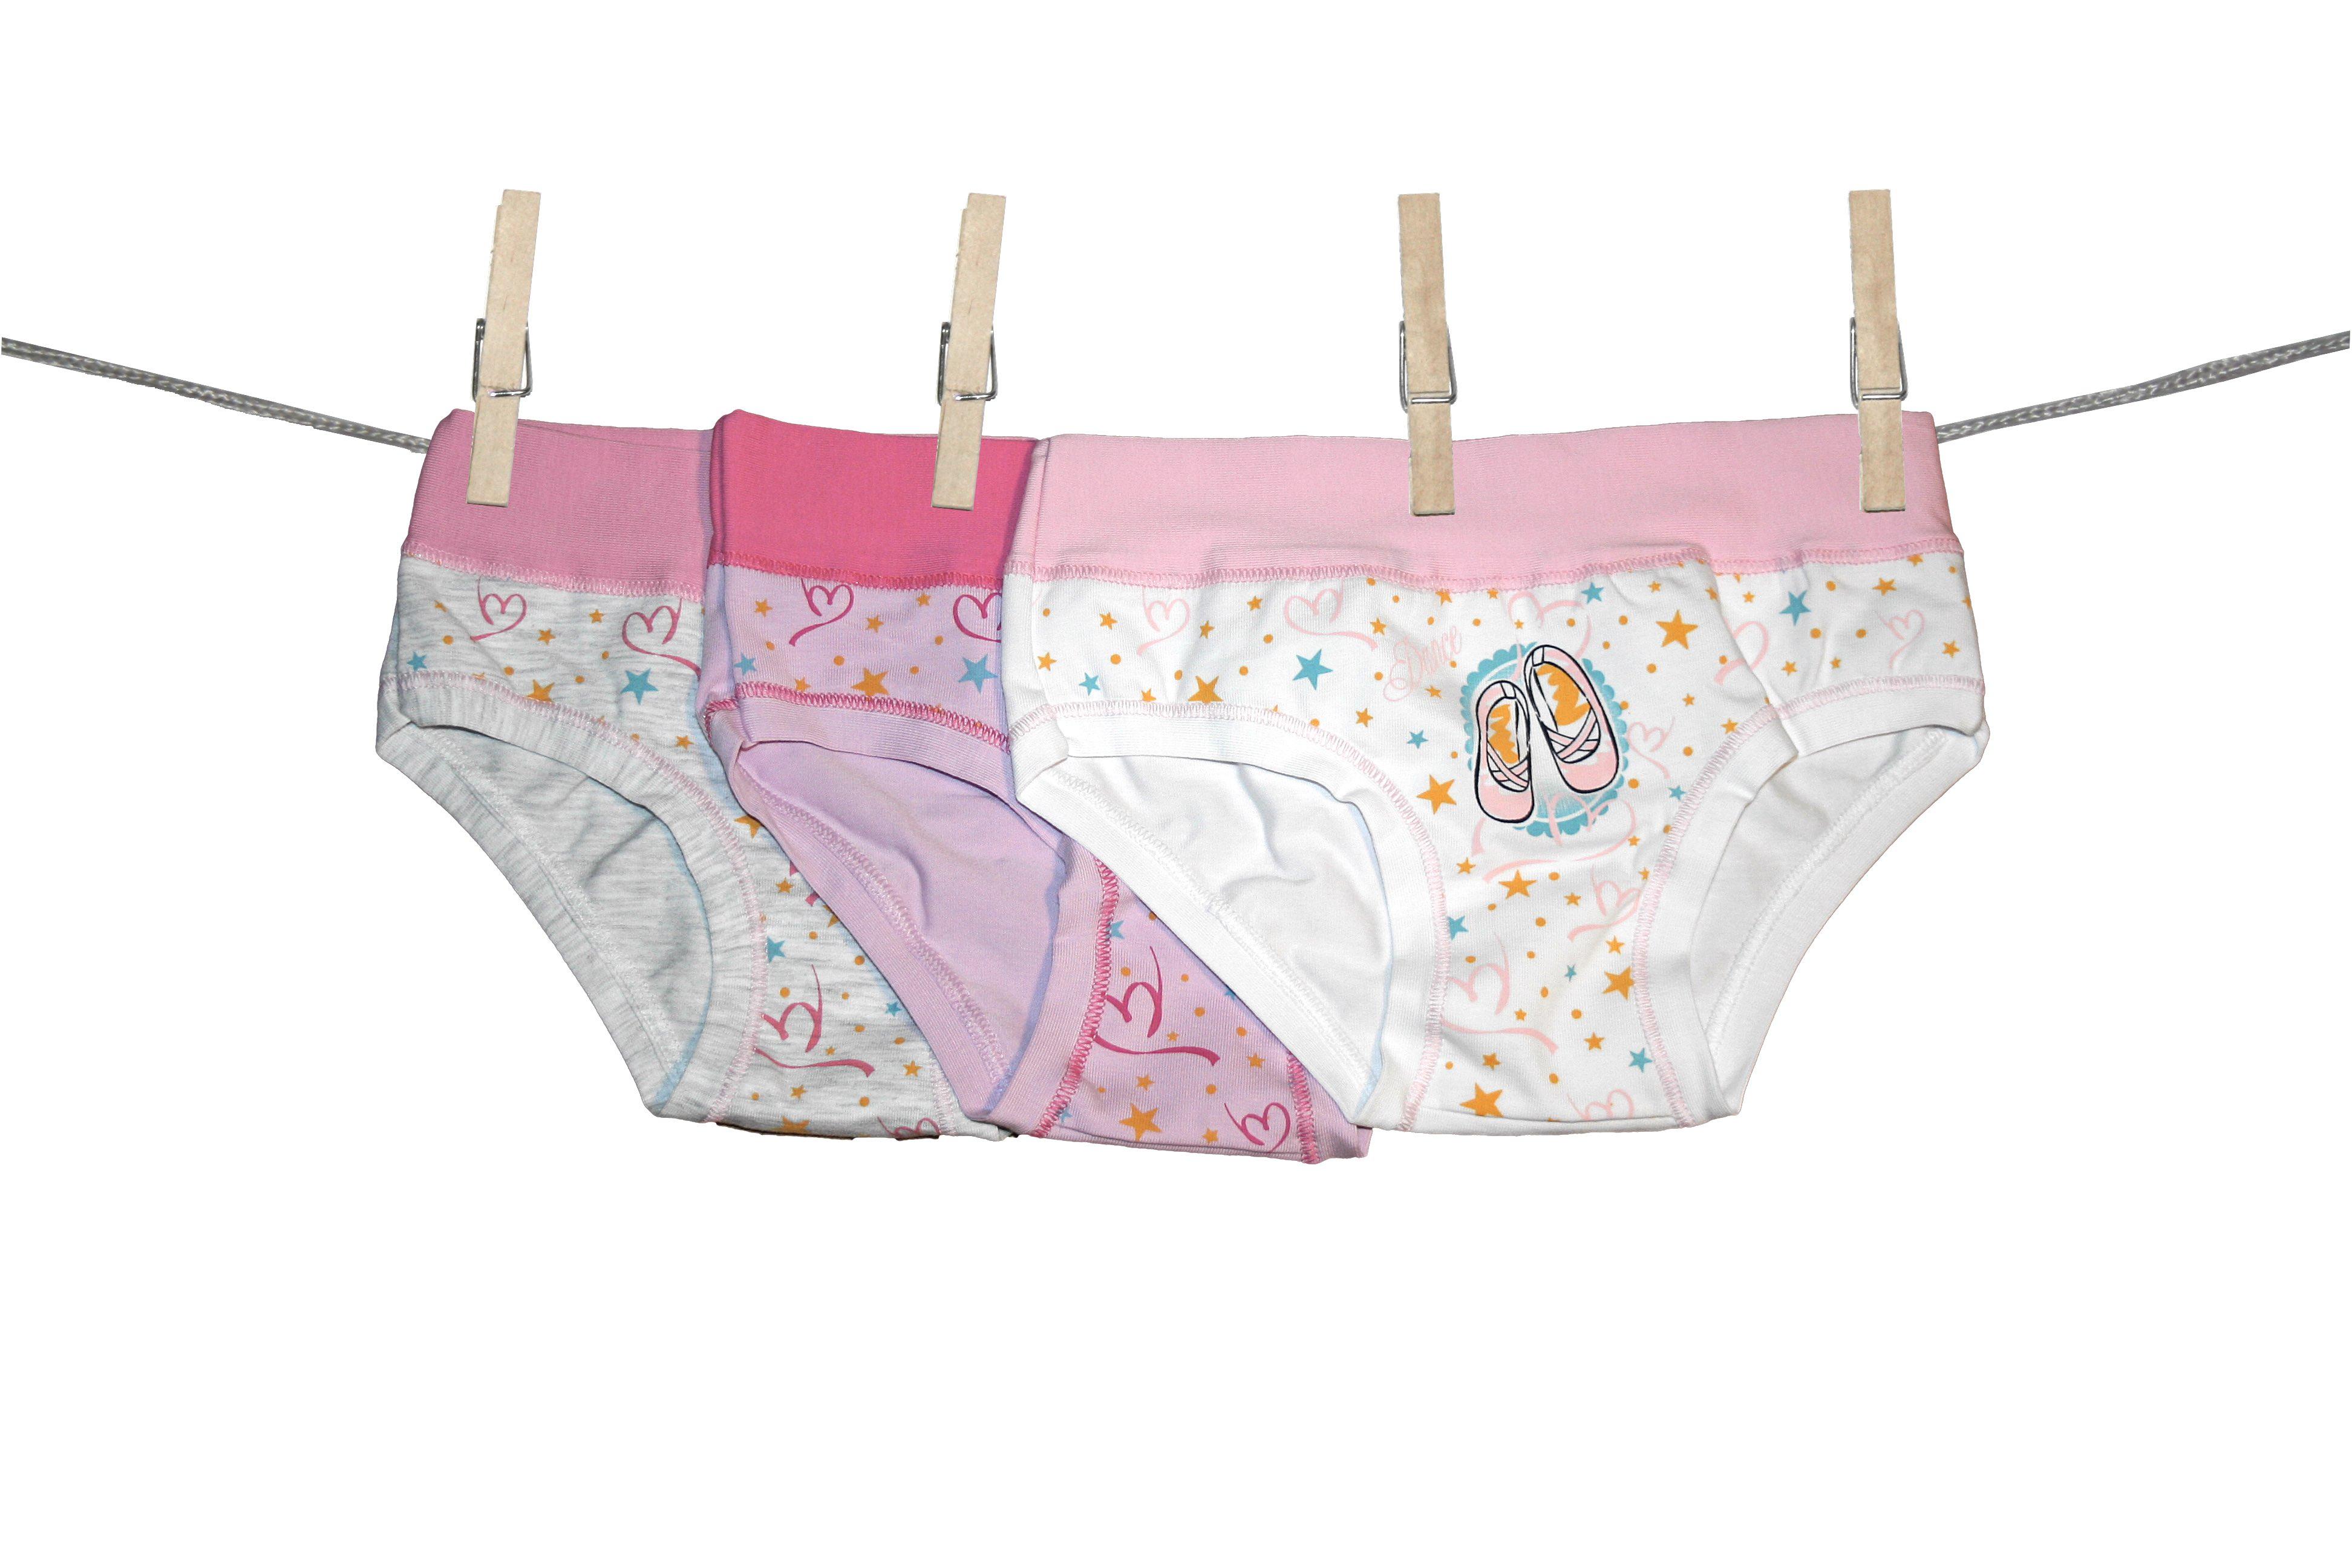 aec0cdde887 Dívčí spodní prádlo - Bodywear.cz